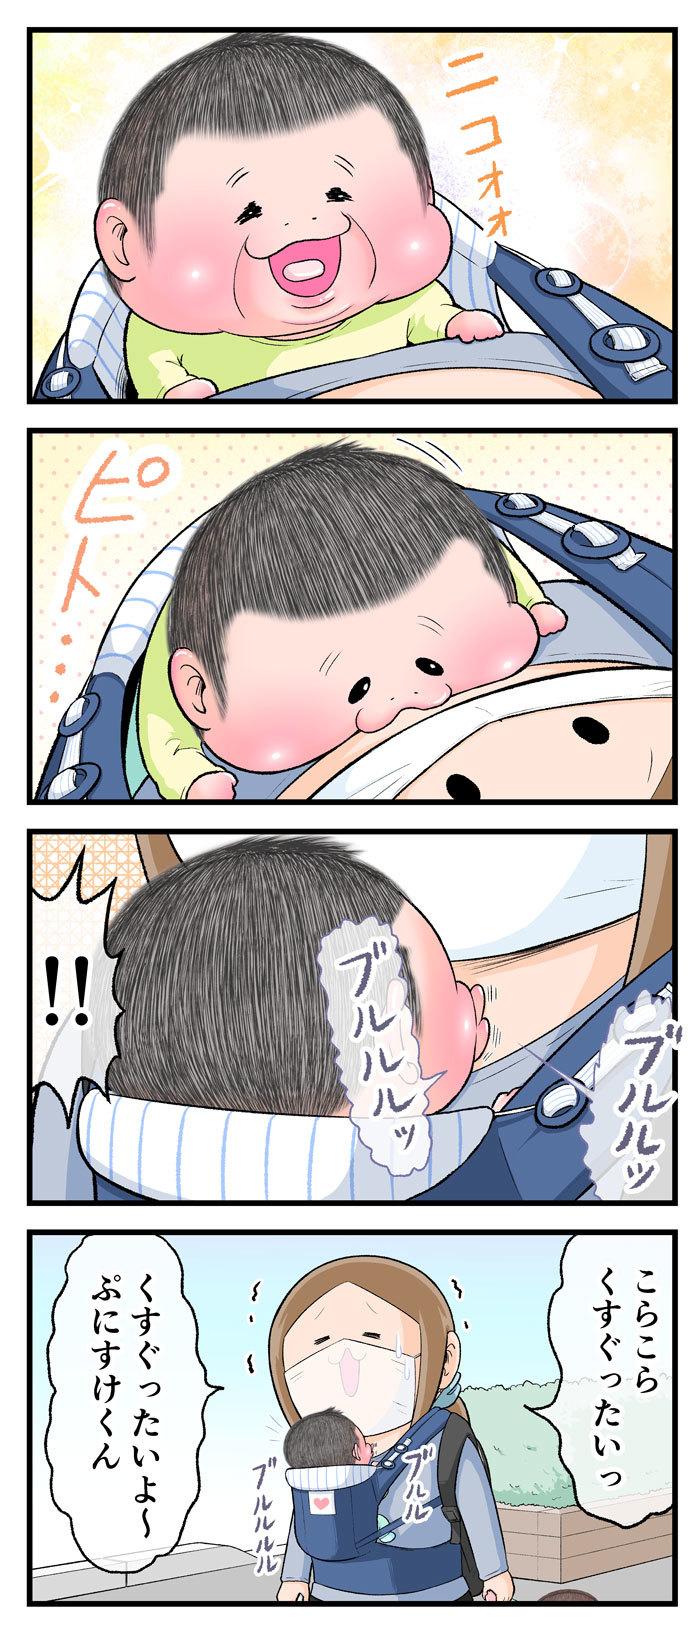 その「ちぱちぱ」は反則〜!抱っこひもの中の息子がこちょばカワイイ♡の画像2